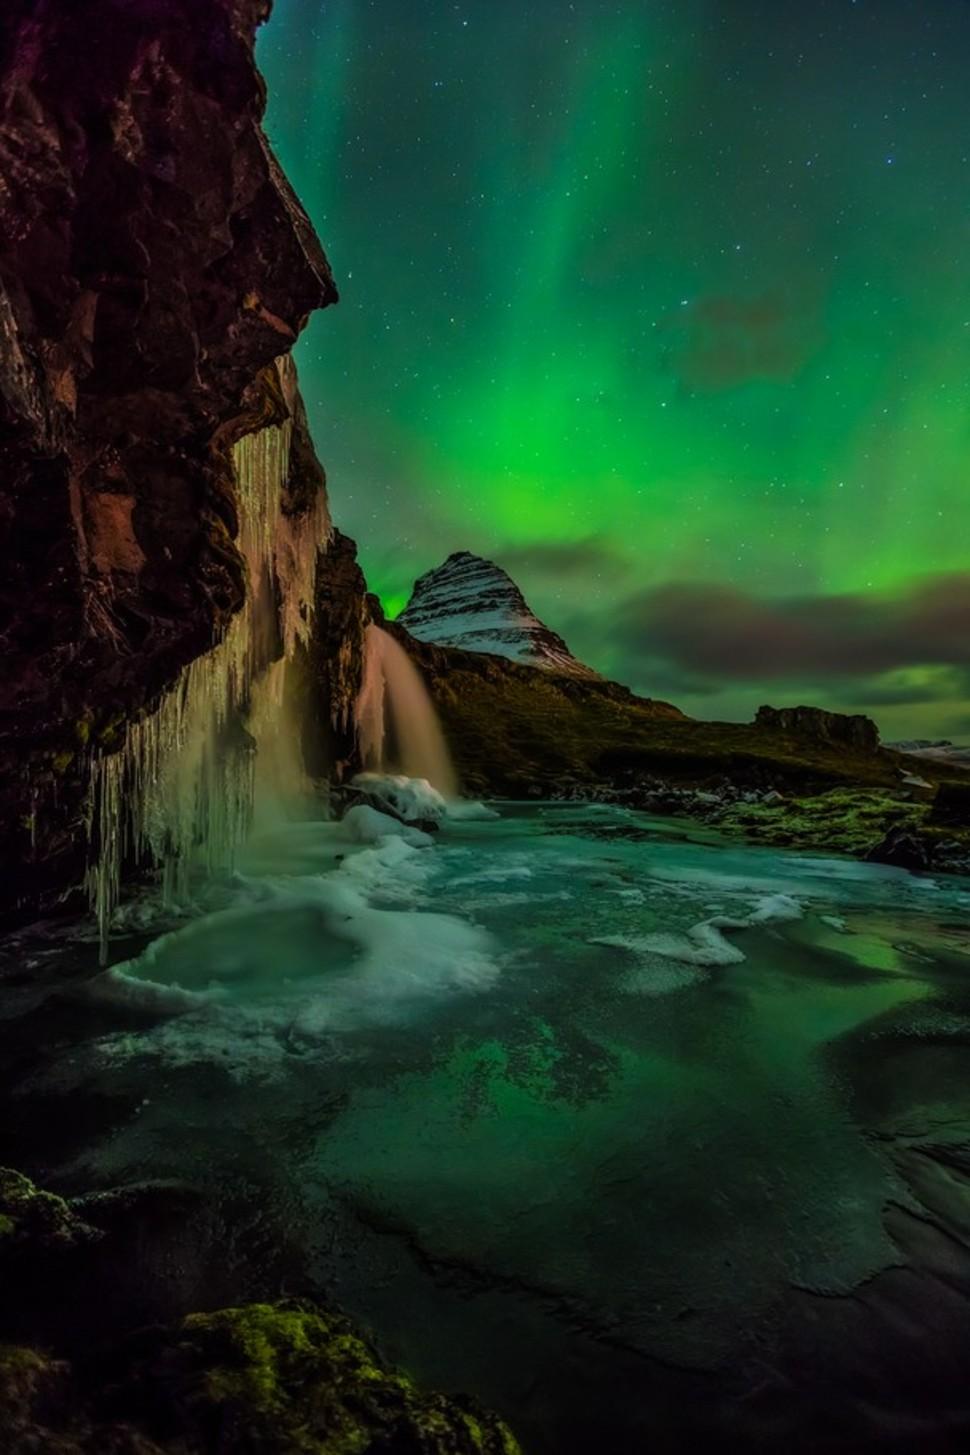 Candidatas a melhores fotografias da National Geographic durante 2014 41